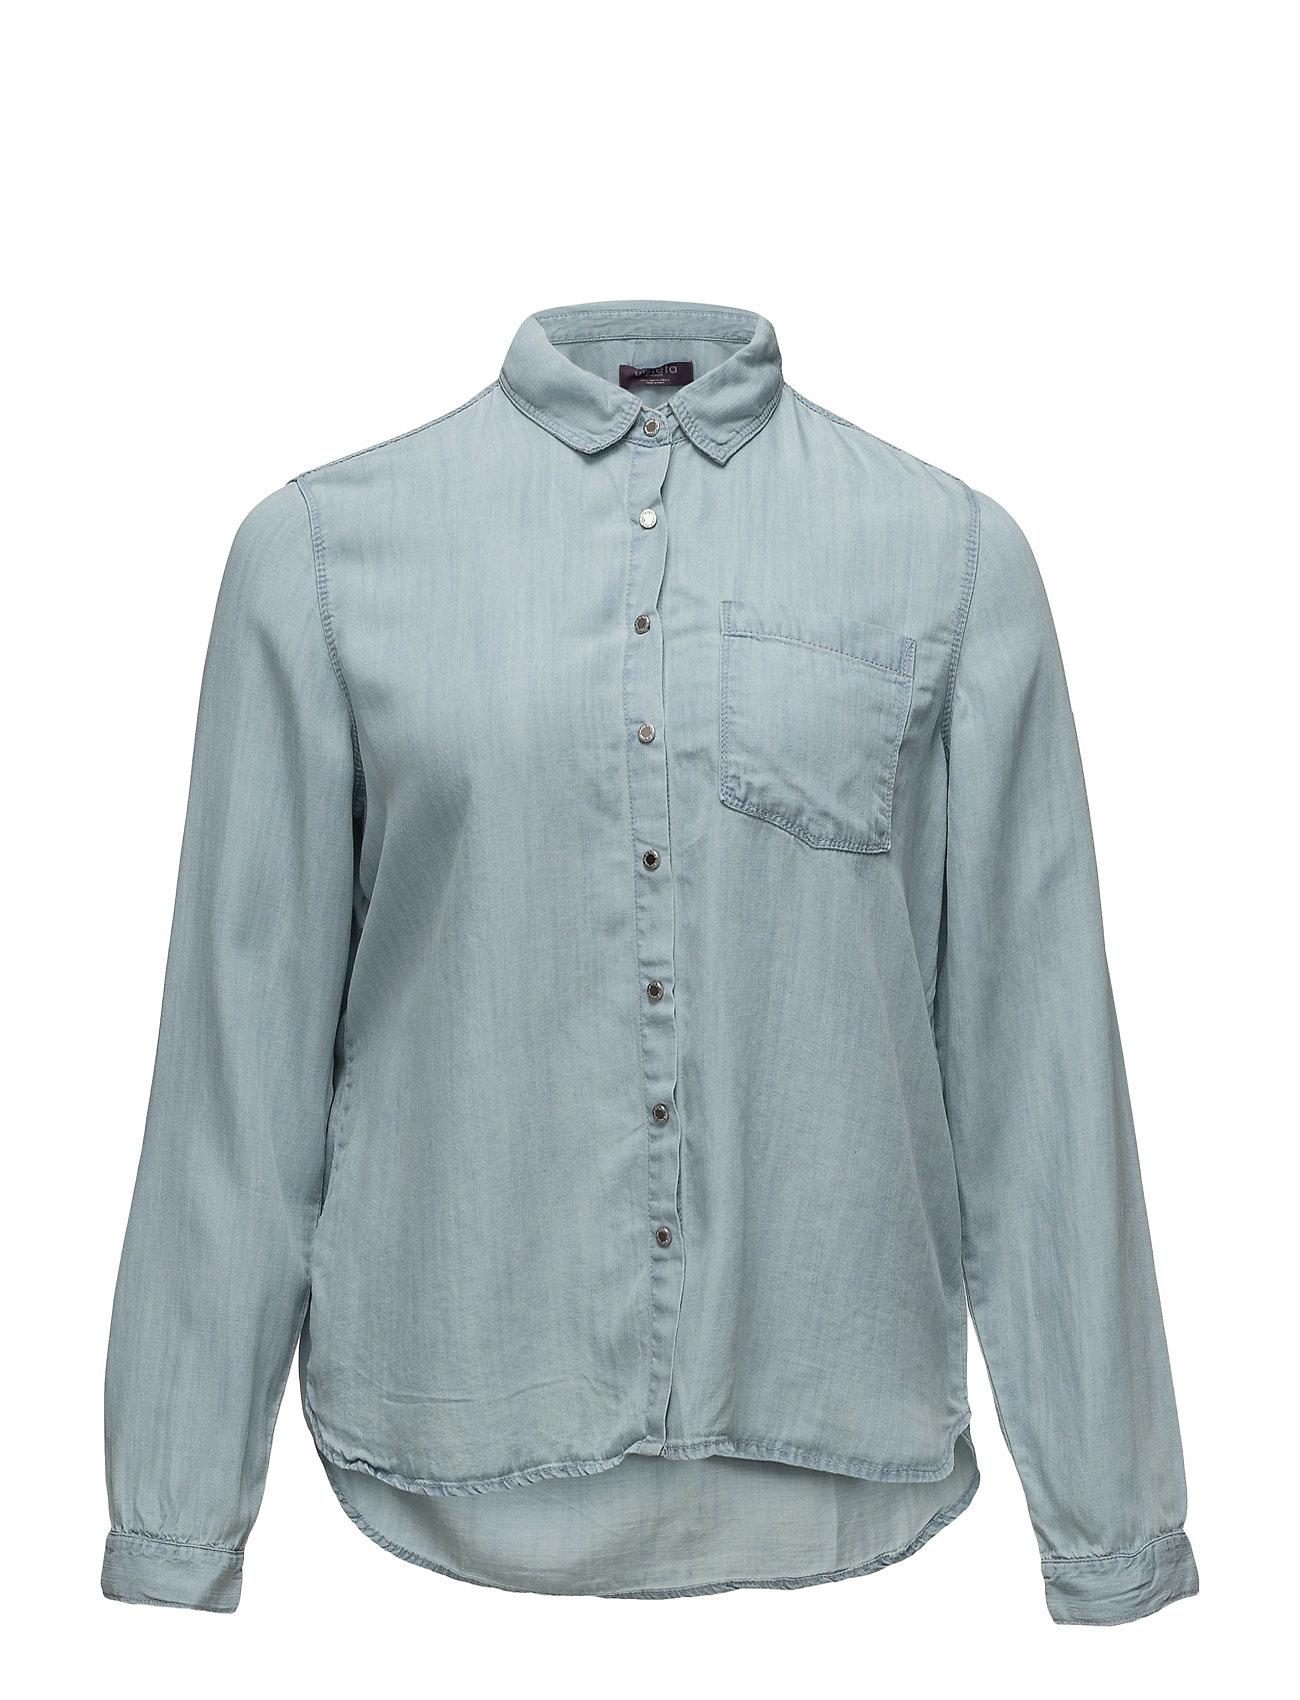 Bleached Wash Denim Shirt Violeta by Mango Langærmede til Damer i